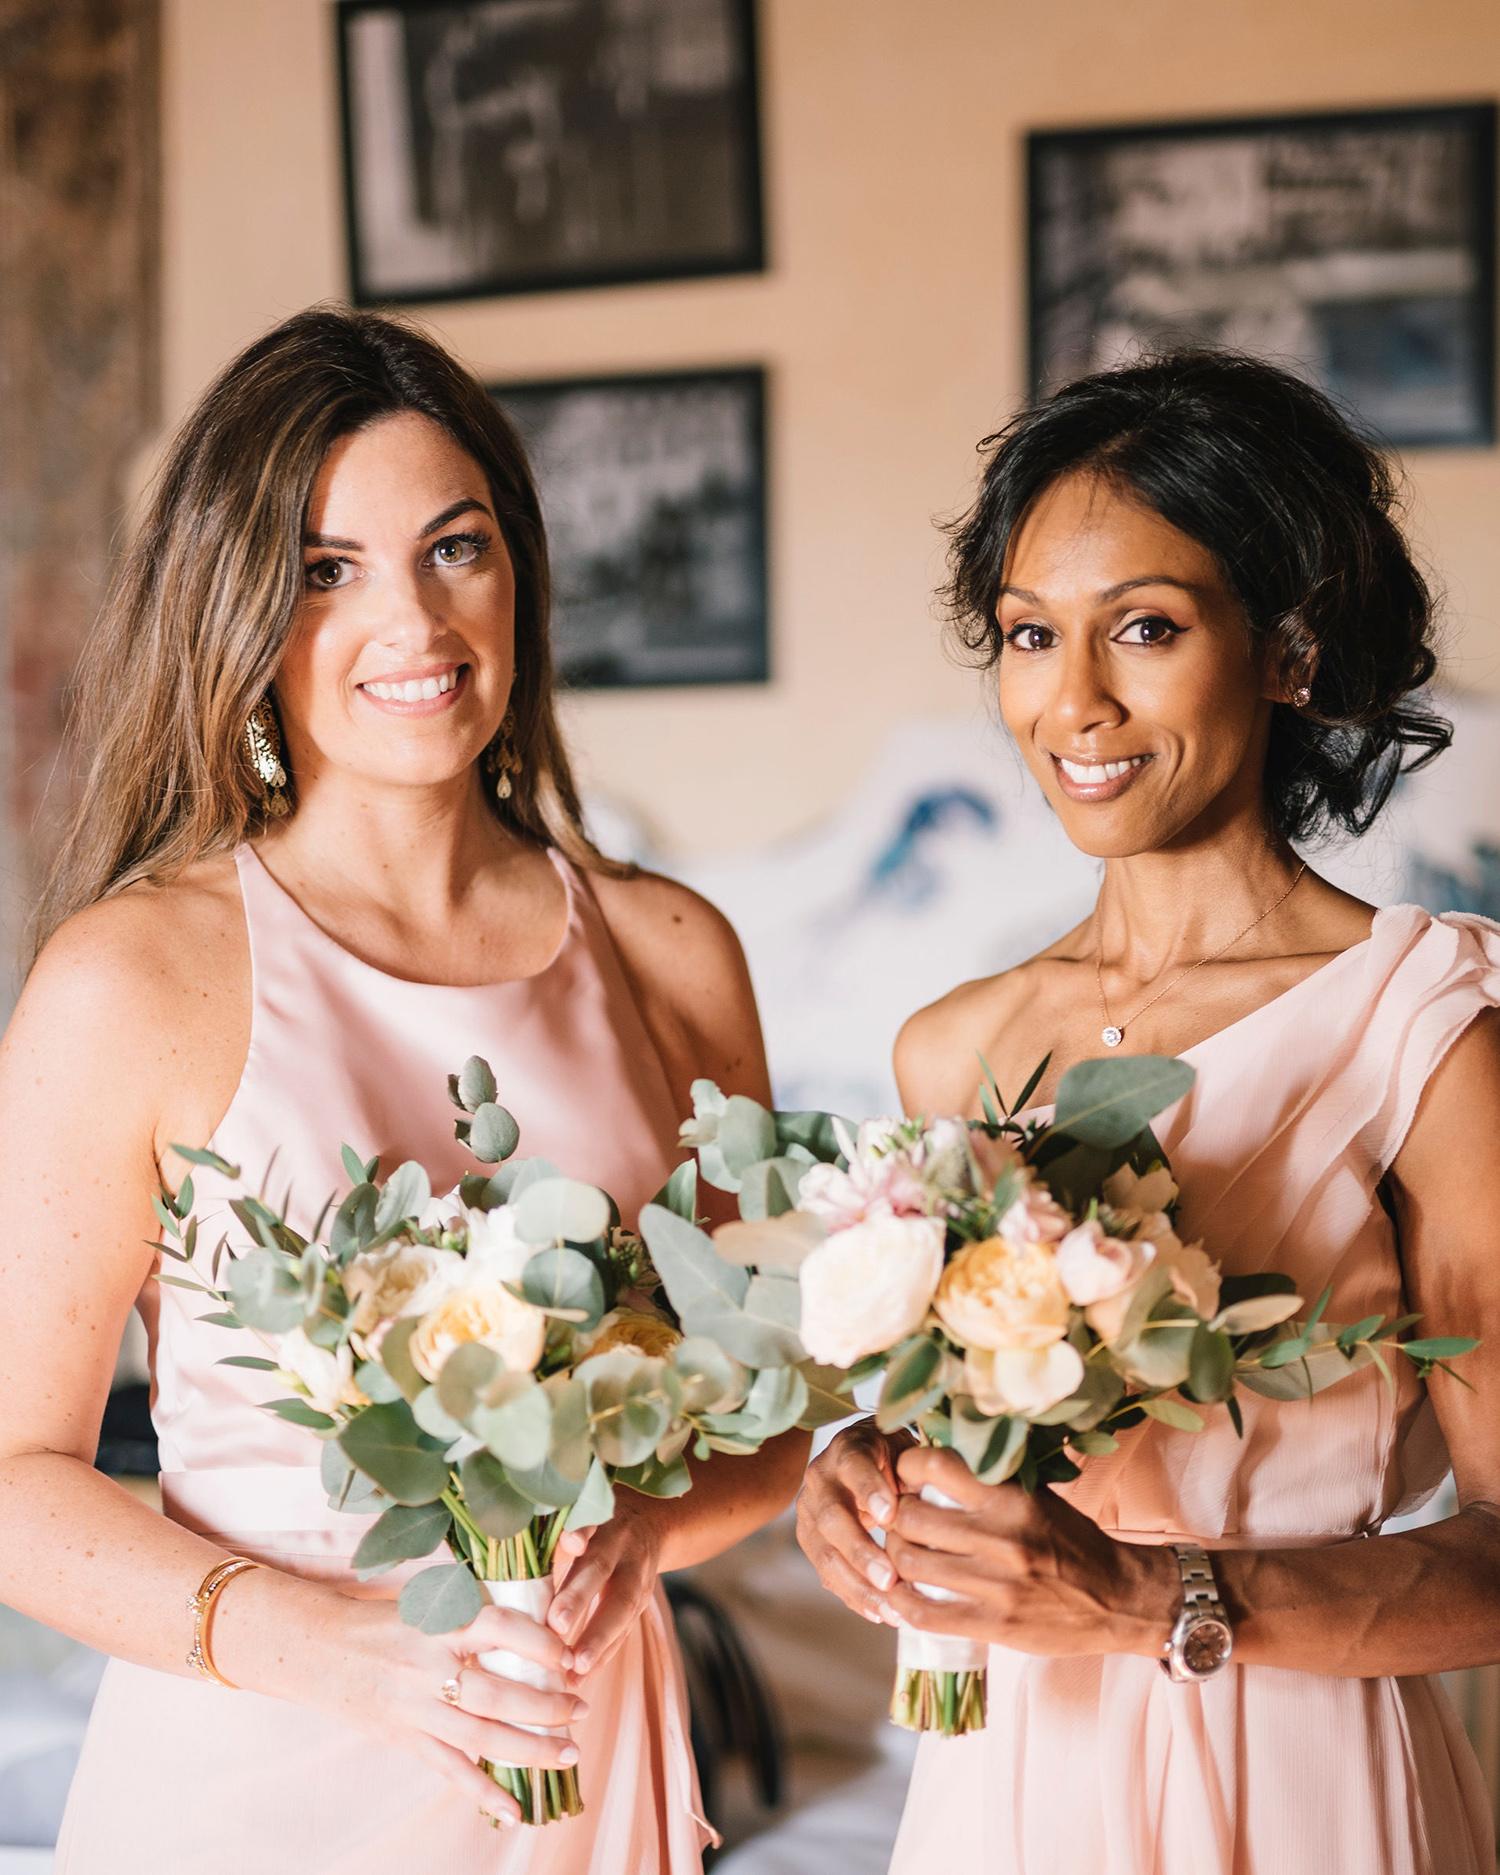 cara david wedding bridesmaids